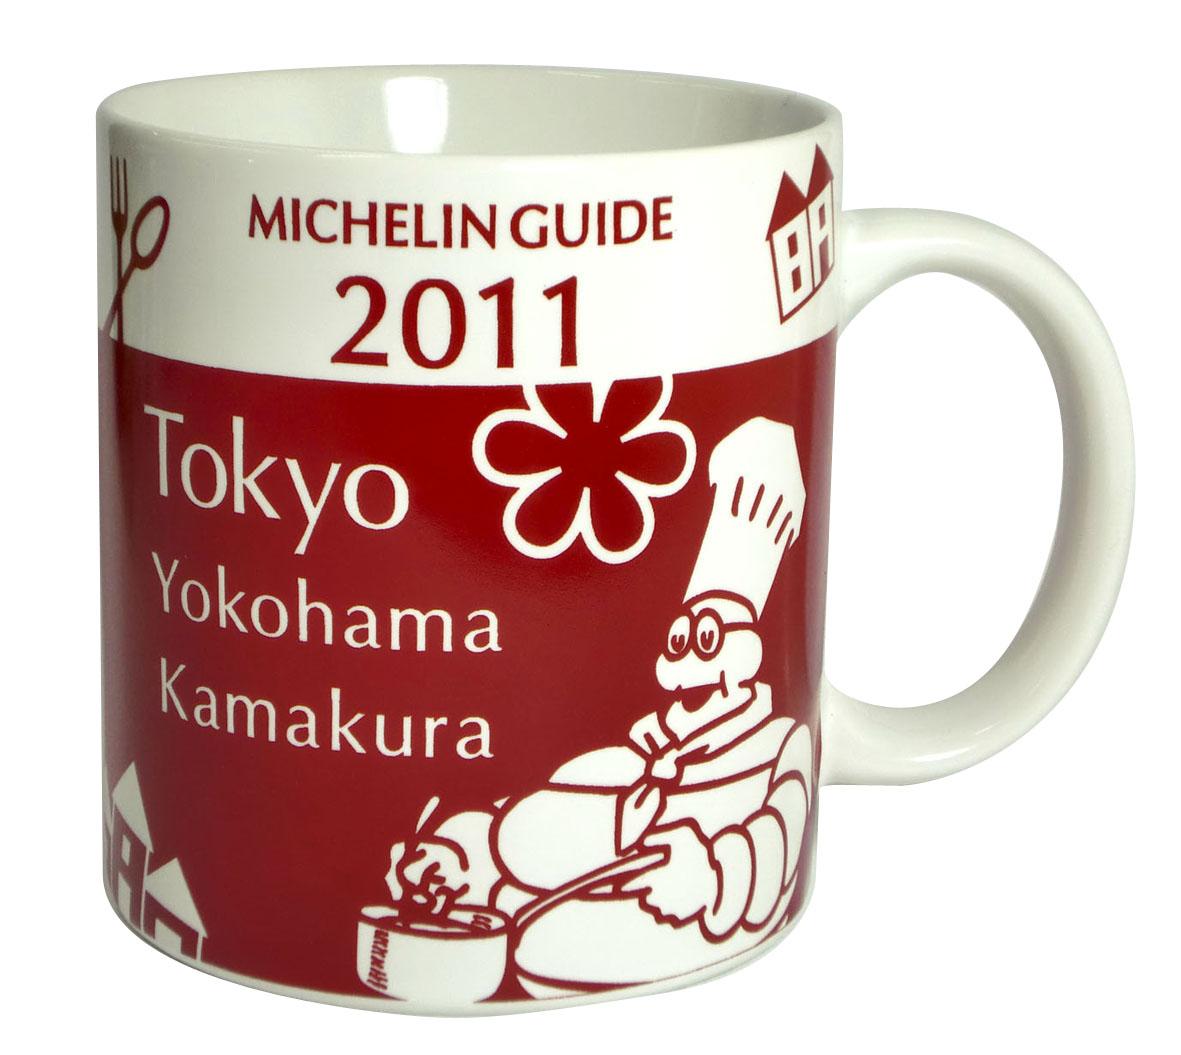 マグカップ Tokyo2011